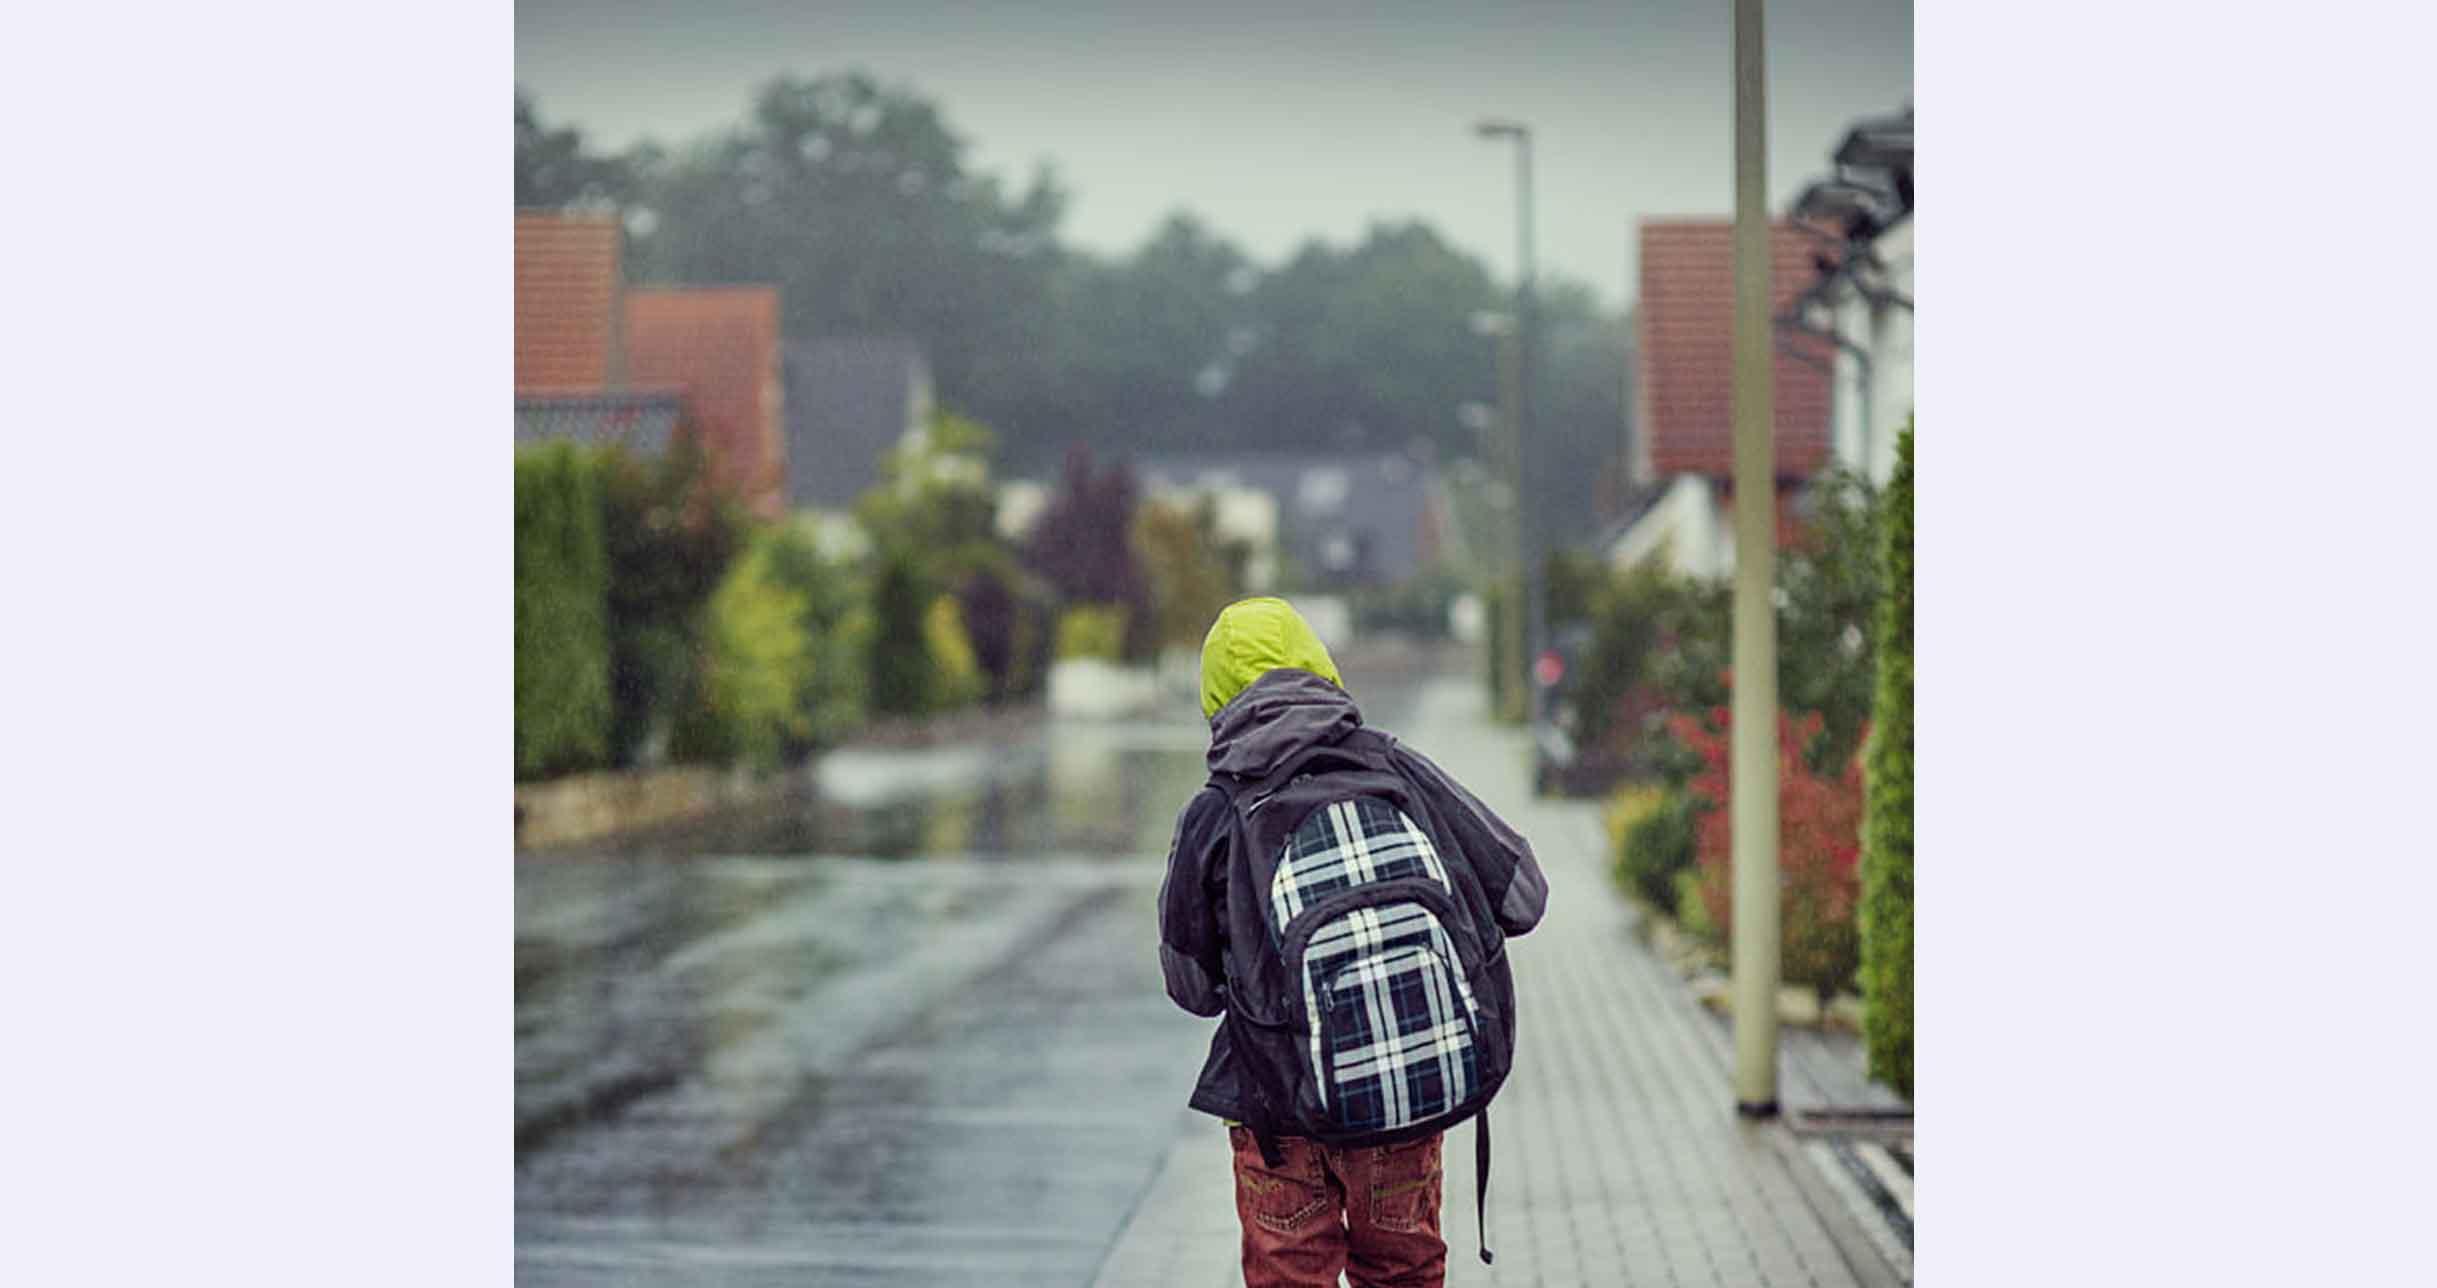 Κλειστά όλα τα σχολεία στην Αττική την Παρασκευή 15/10/21 – Thisisus.gr